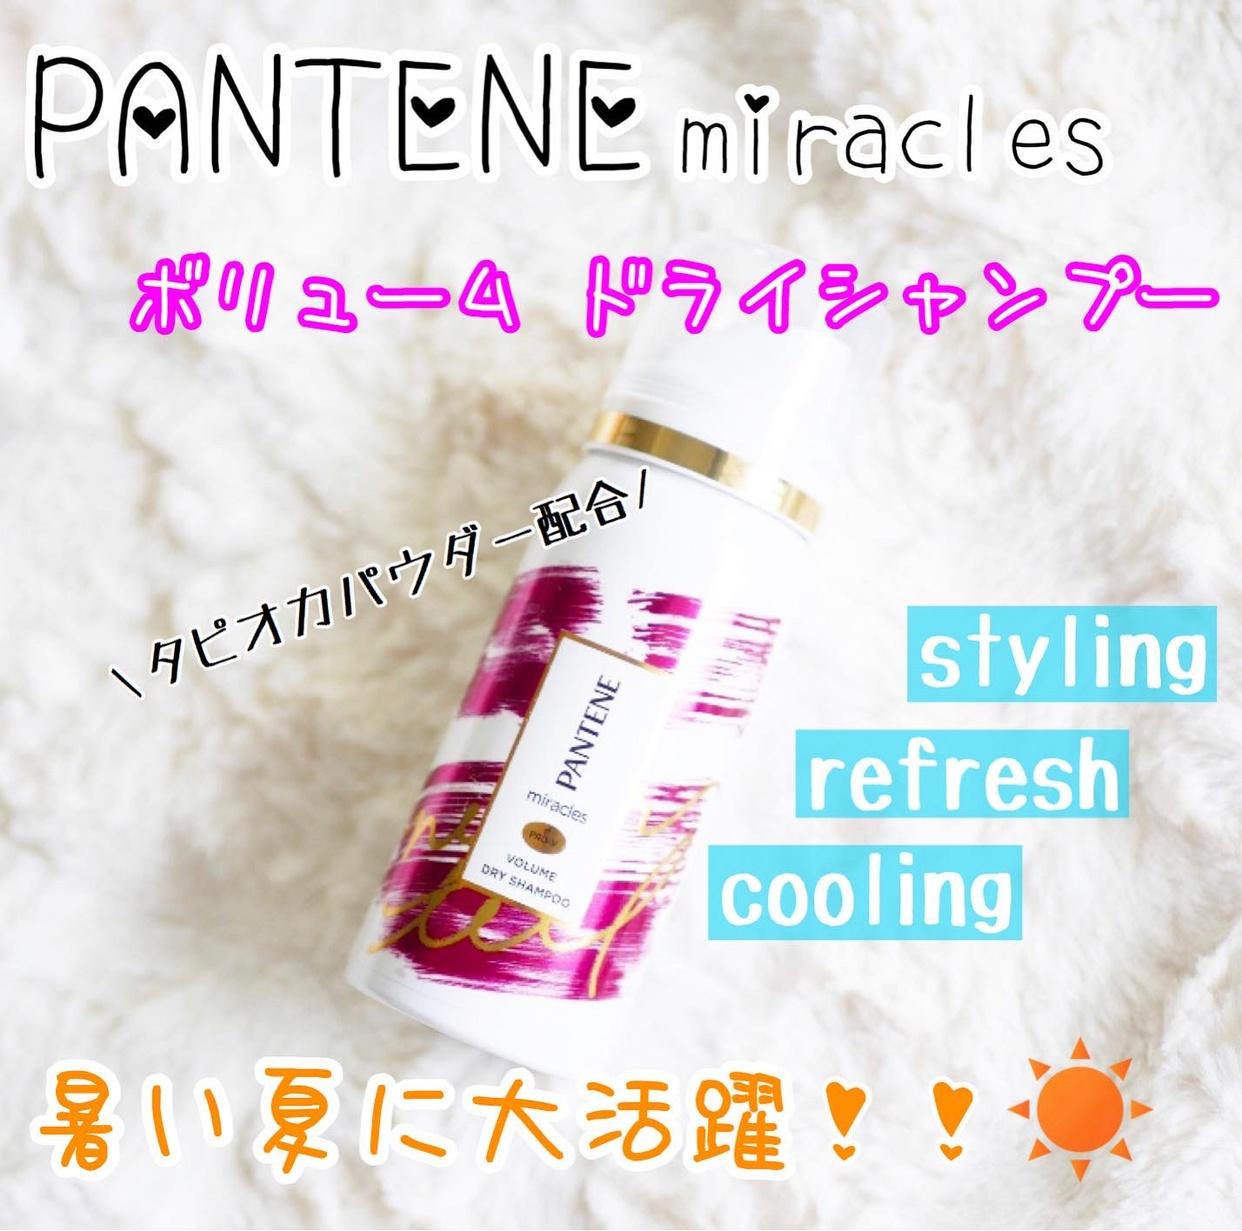 PANTENE(パンテーン) ミラクルズ ボリュームドライシャンプーを使ったRukaさんのクチコミ画像